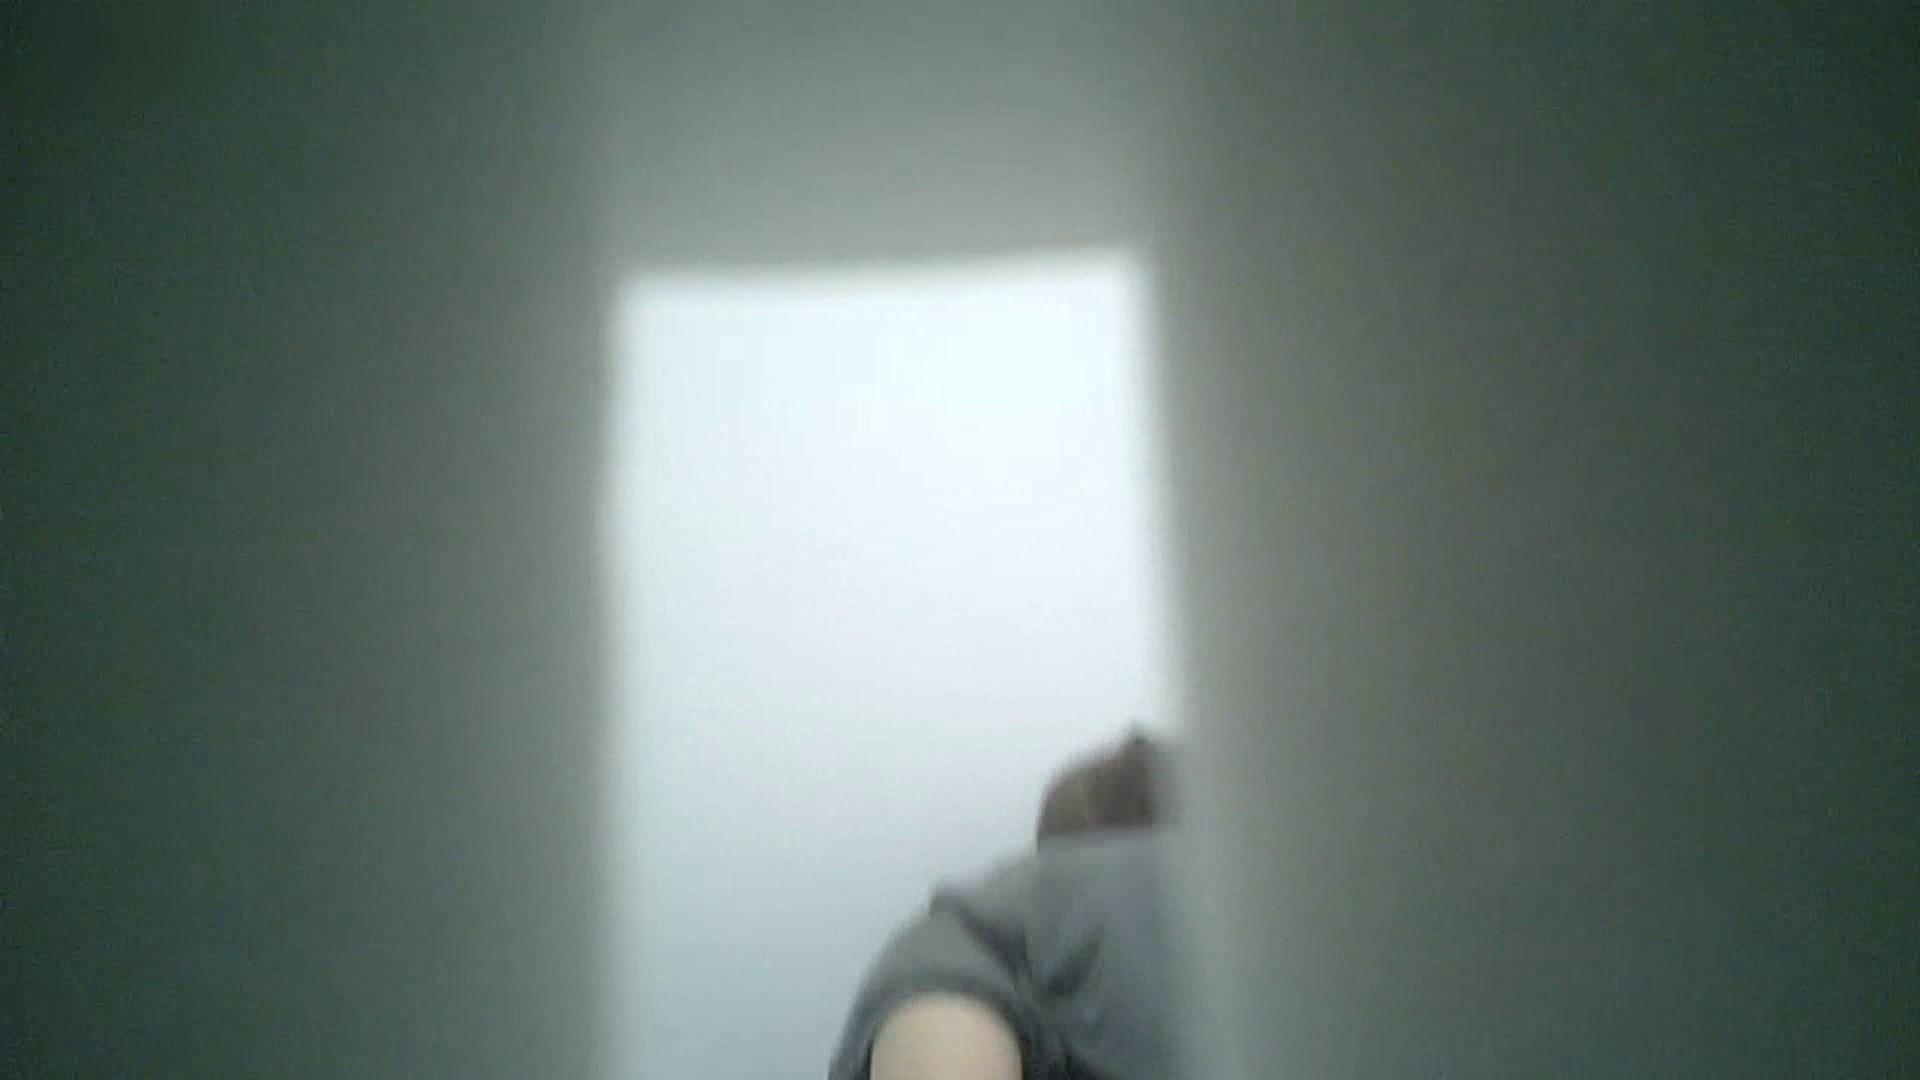 有名大学女性洗面所 vol.45 冴え渡る多方向撮影!職人技です。 潜入 | 洗面所  95画像 51